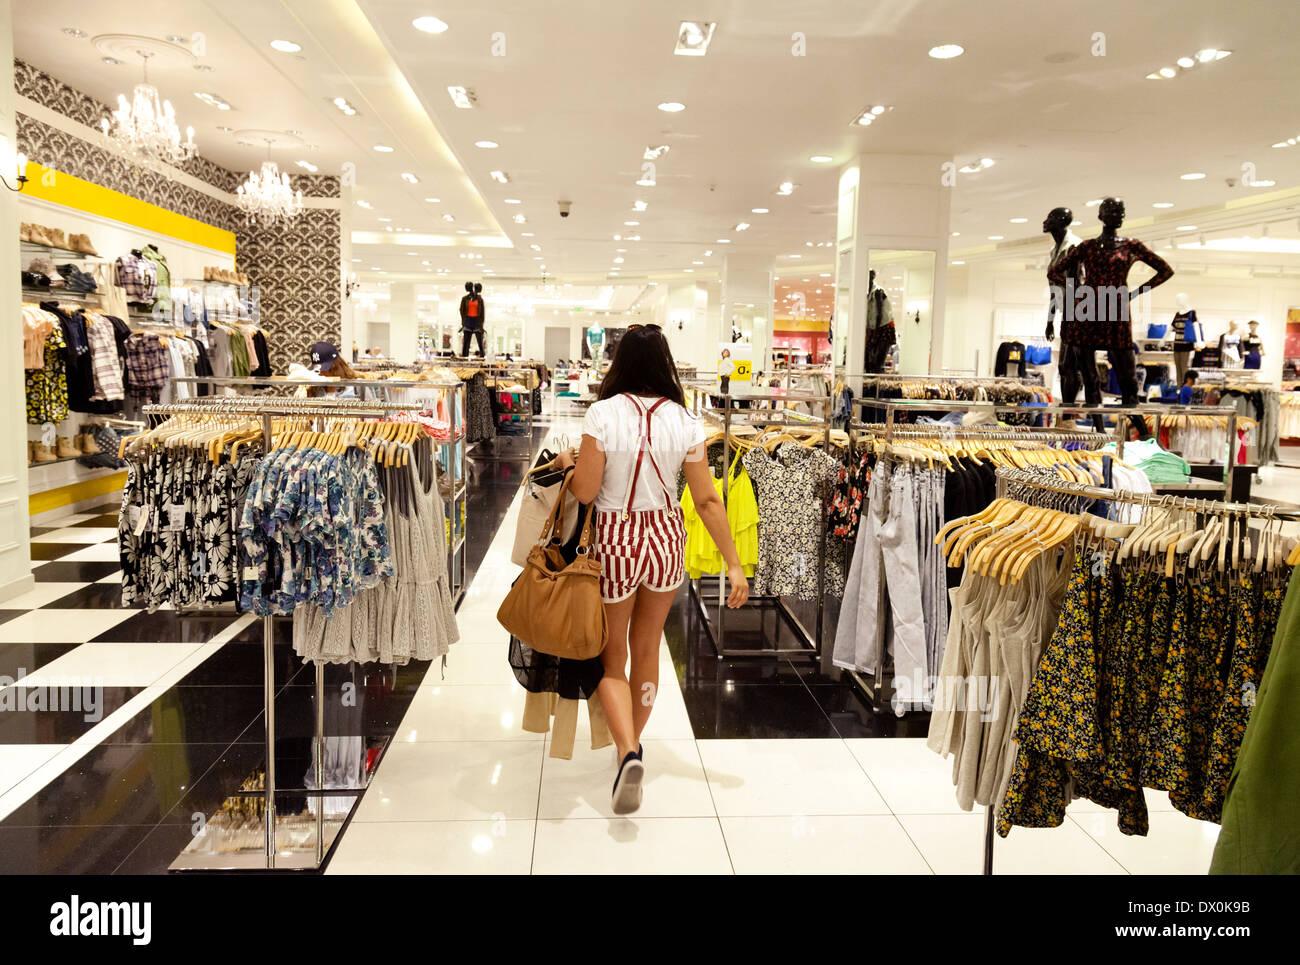 Mujer comprando ropa en la tienda de Forever 21, centro comercial Dubai, EAU, Emiratos Árabes Unidos, Oriente Medio Foto de stock